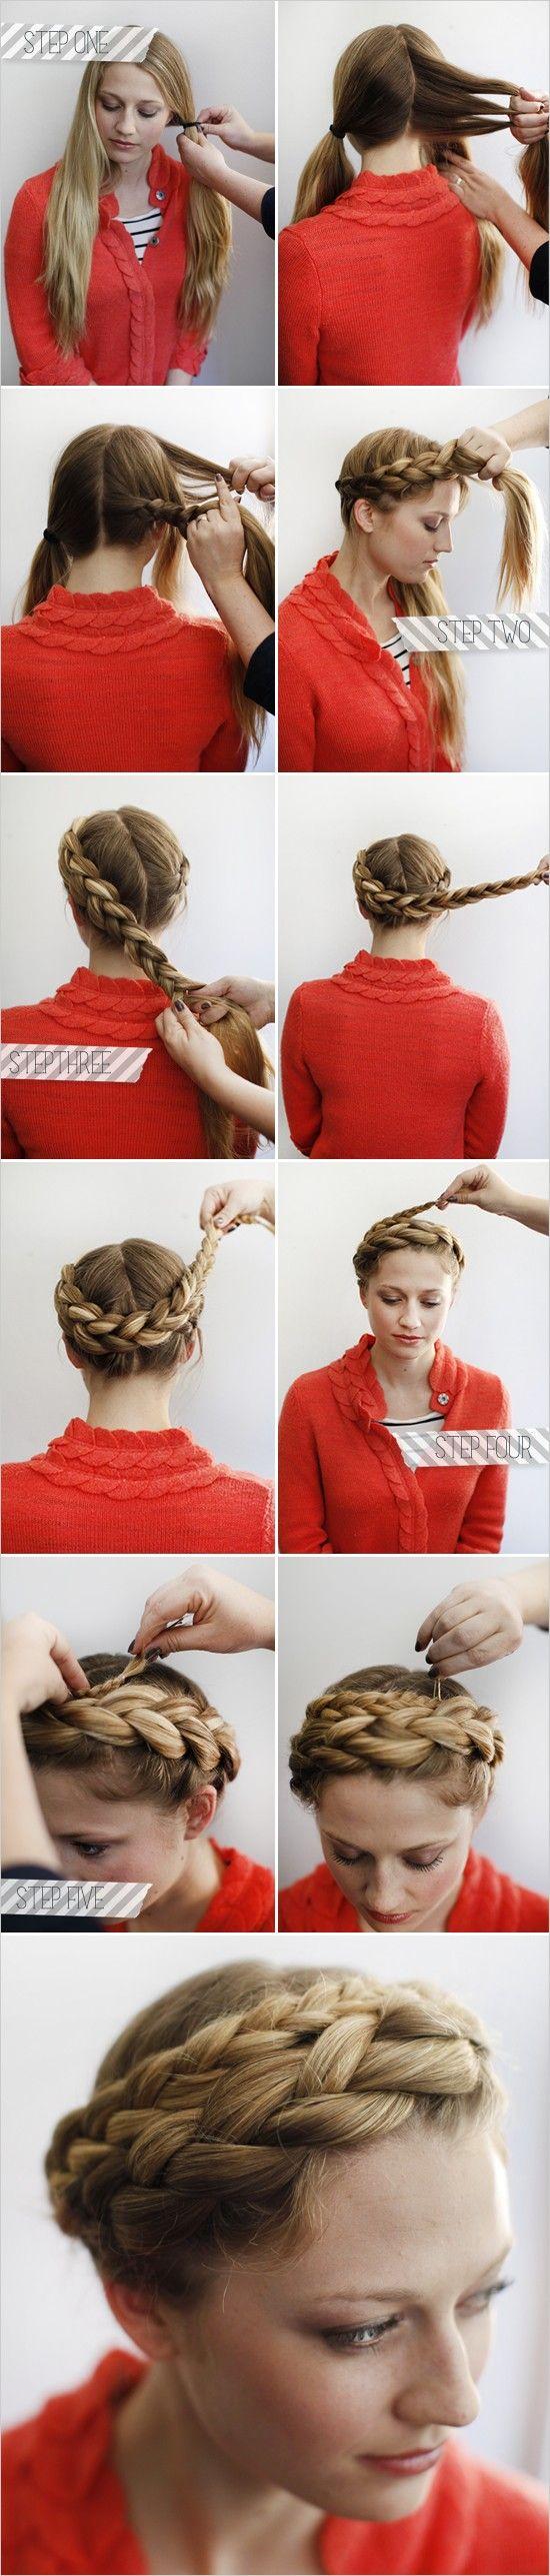 DIY braid halo